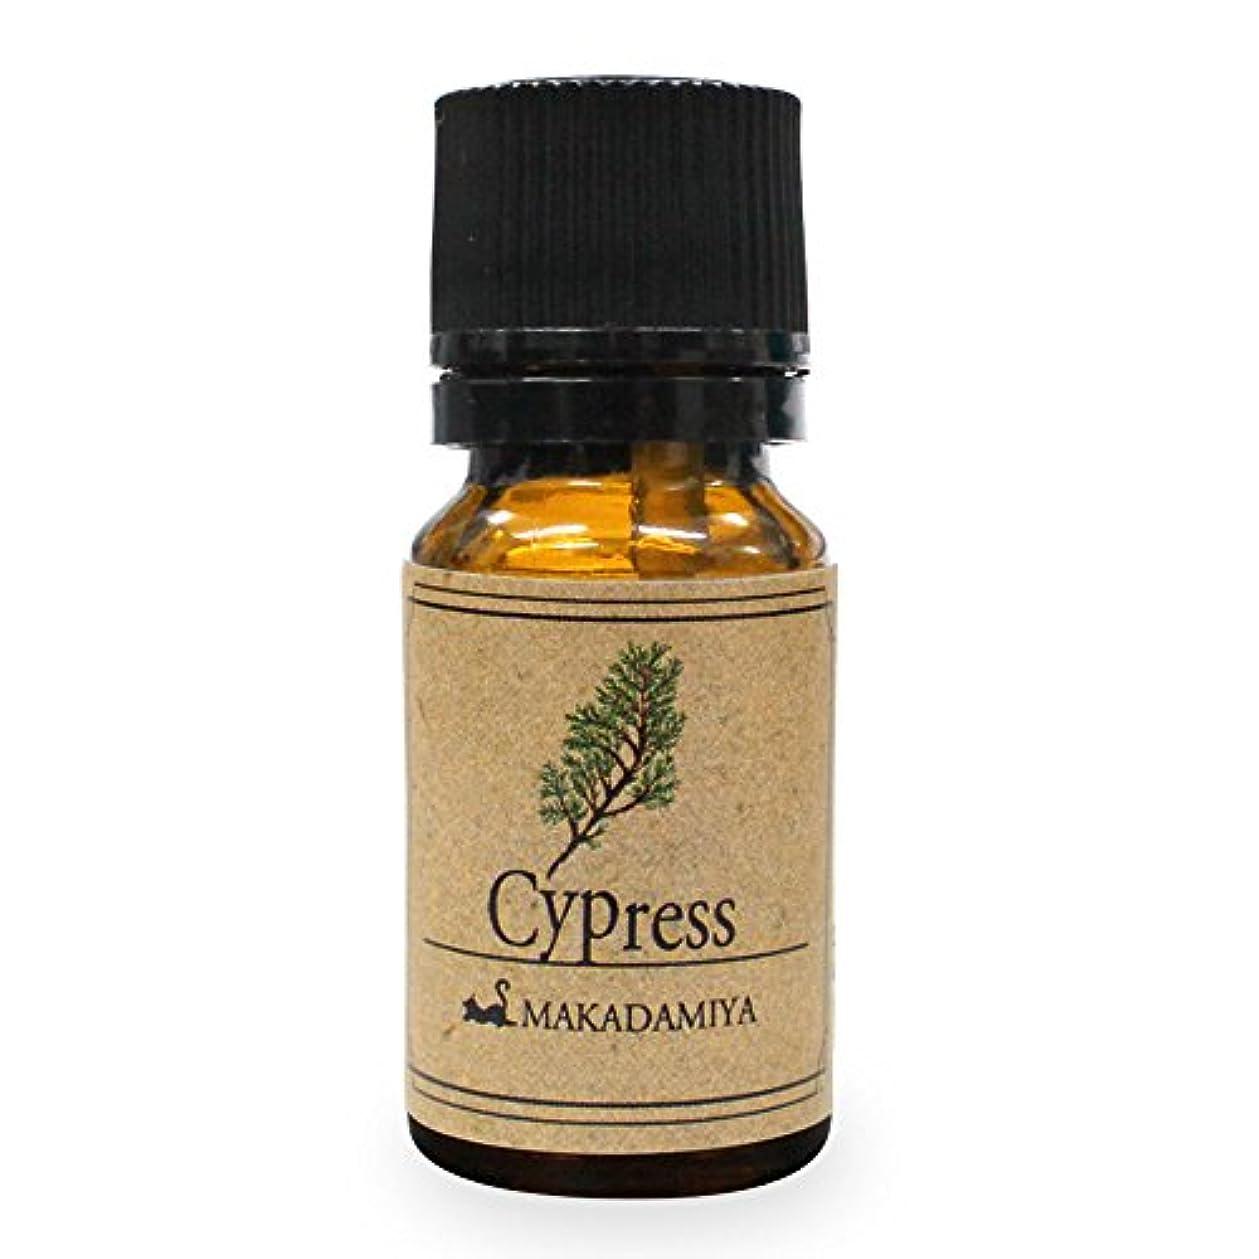 遠え読む運動サイプレス10ml 天然100%植物性 エッセンシャルオイル(精油) アロマオイル アロママッサージ aroma Cypress